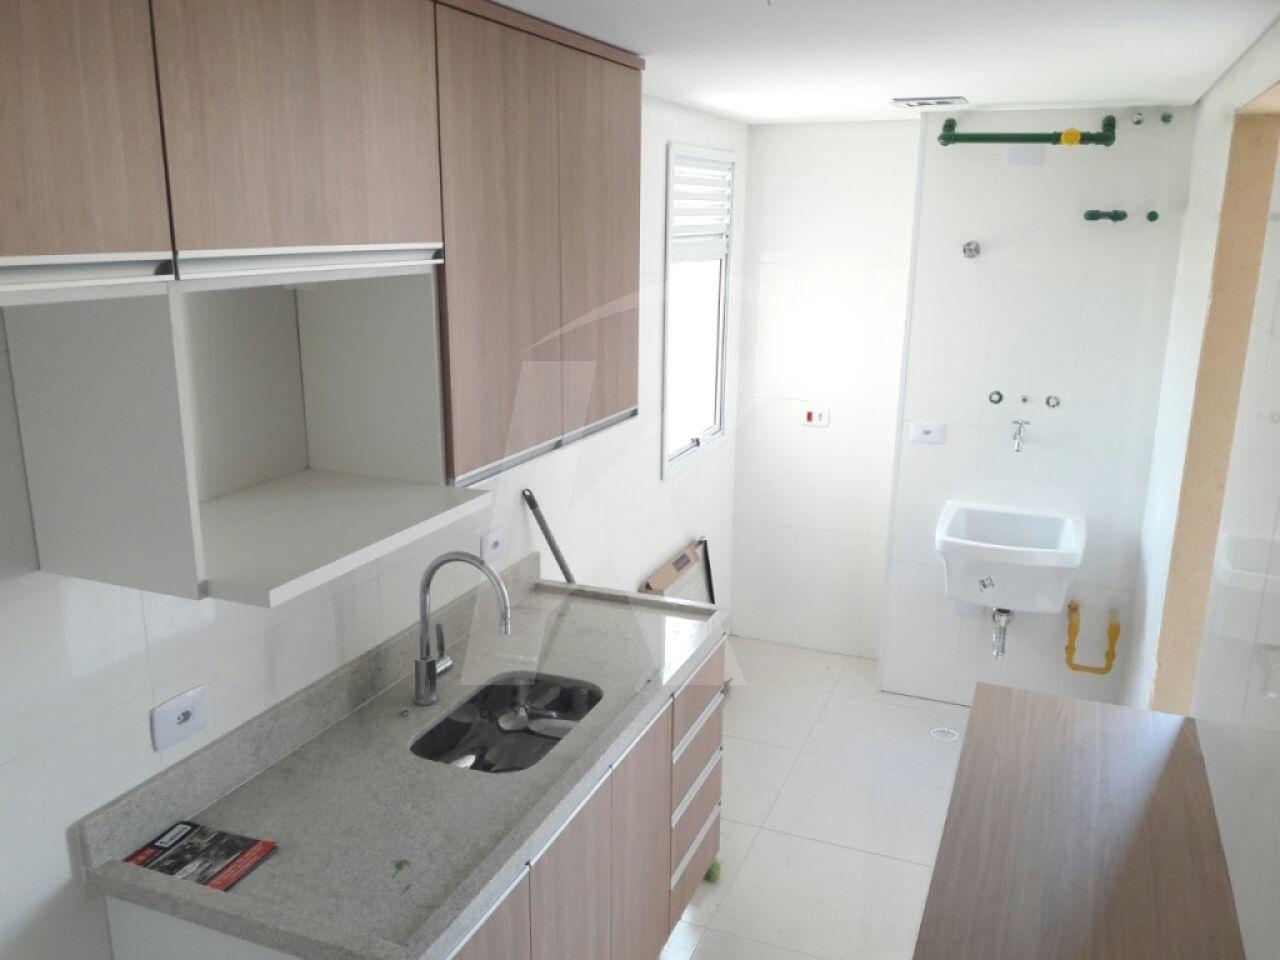 Apartamento Vila Medeiros - 2 Dormitório(s) - São Paulo - SP - REF. KA13516